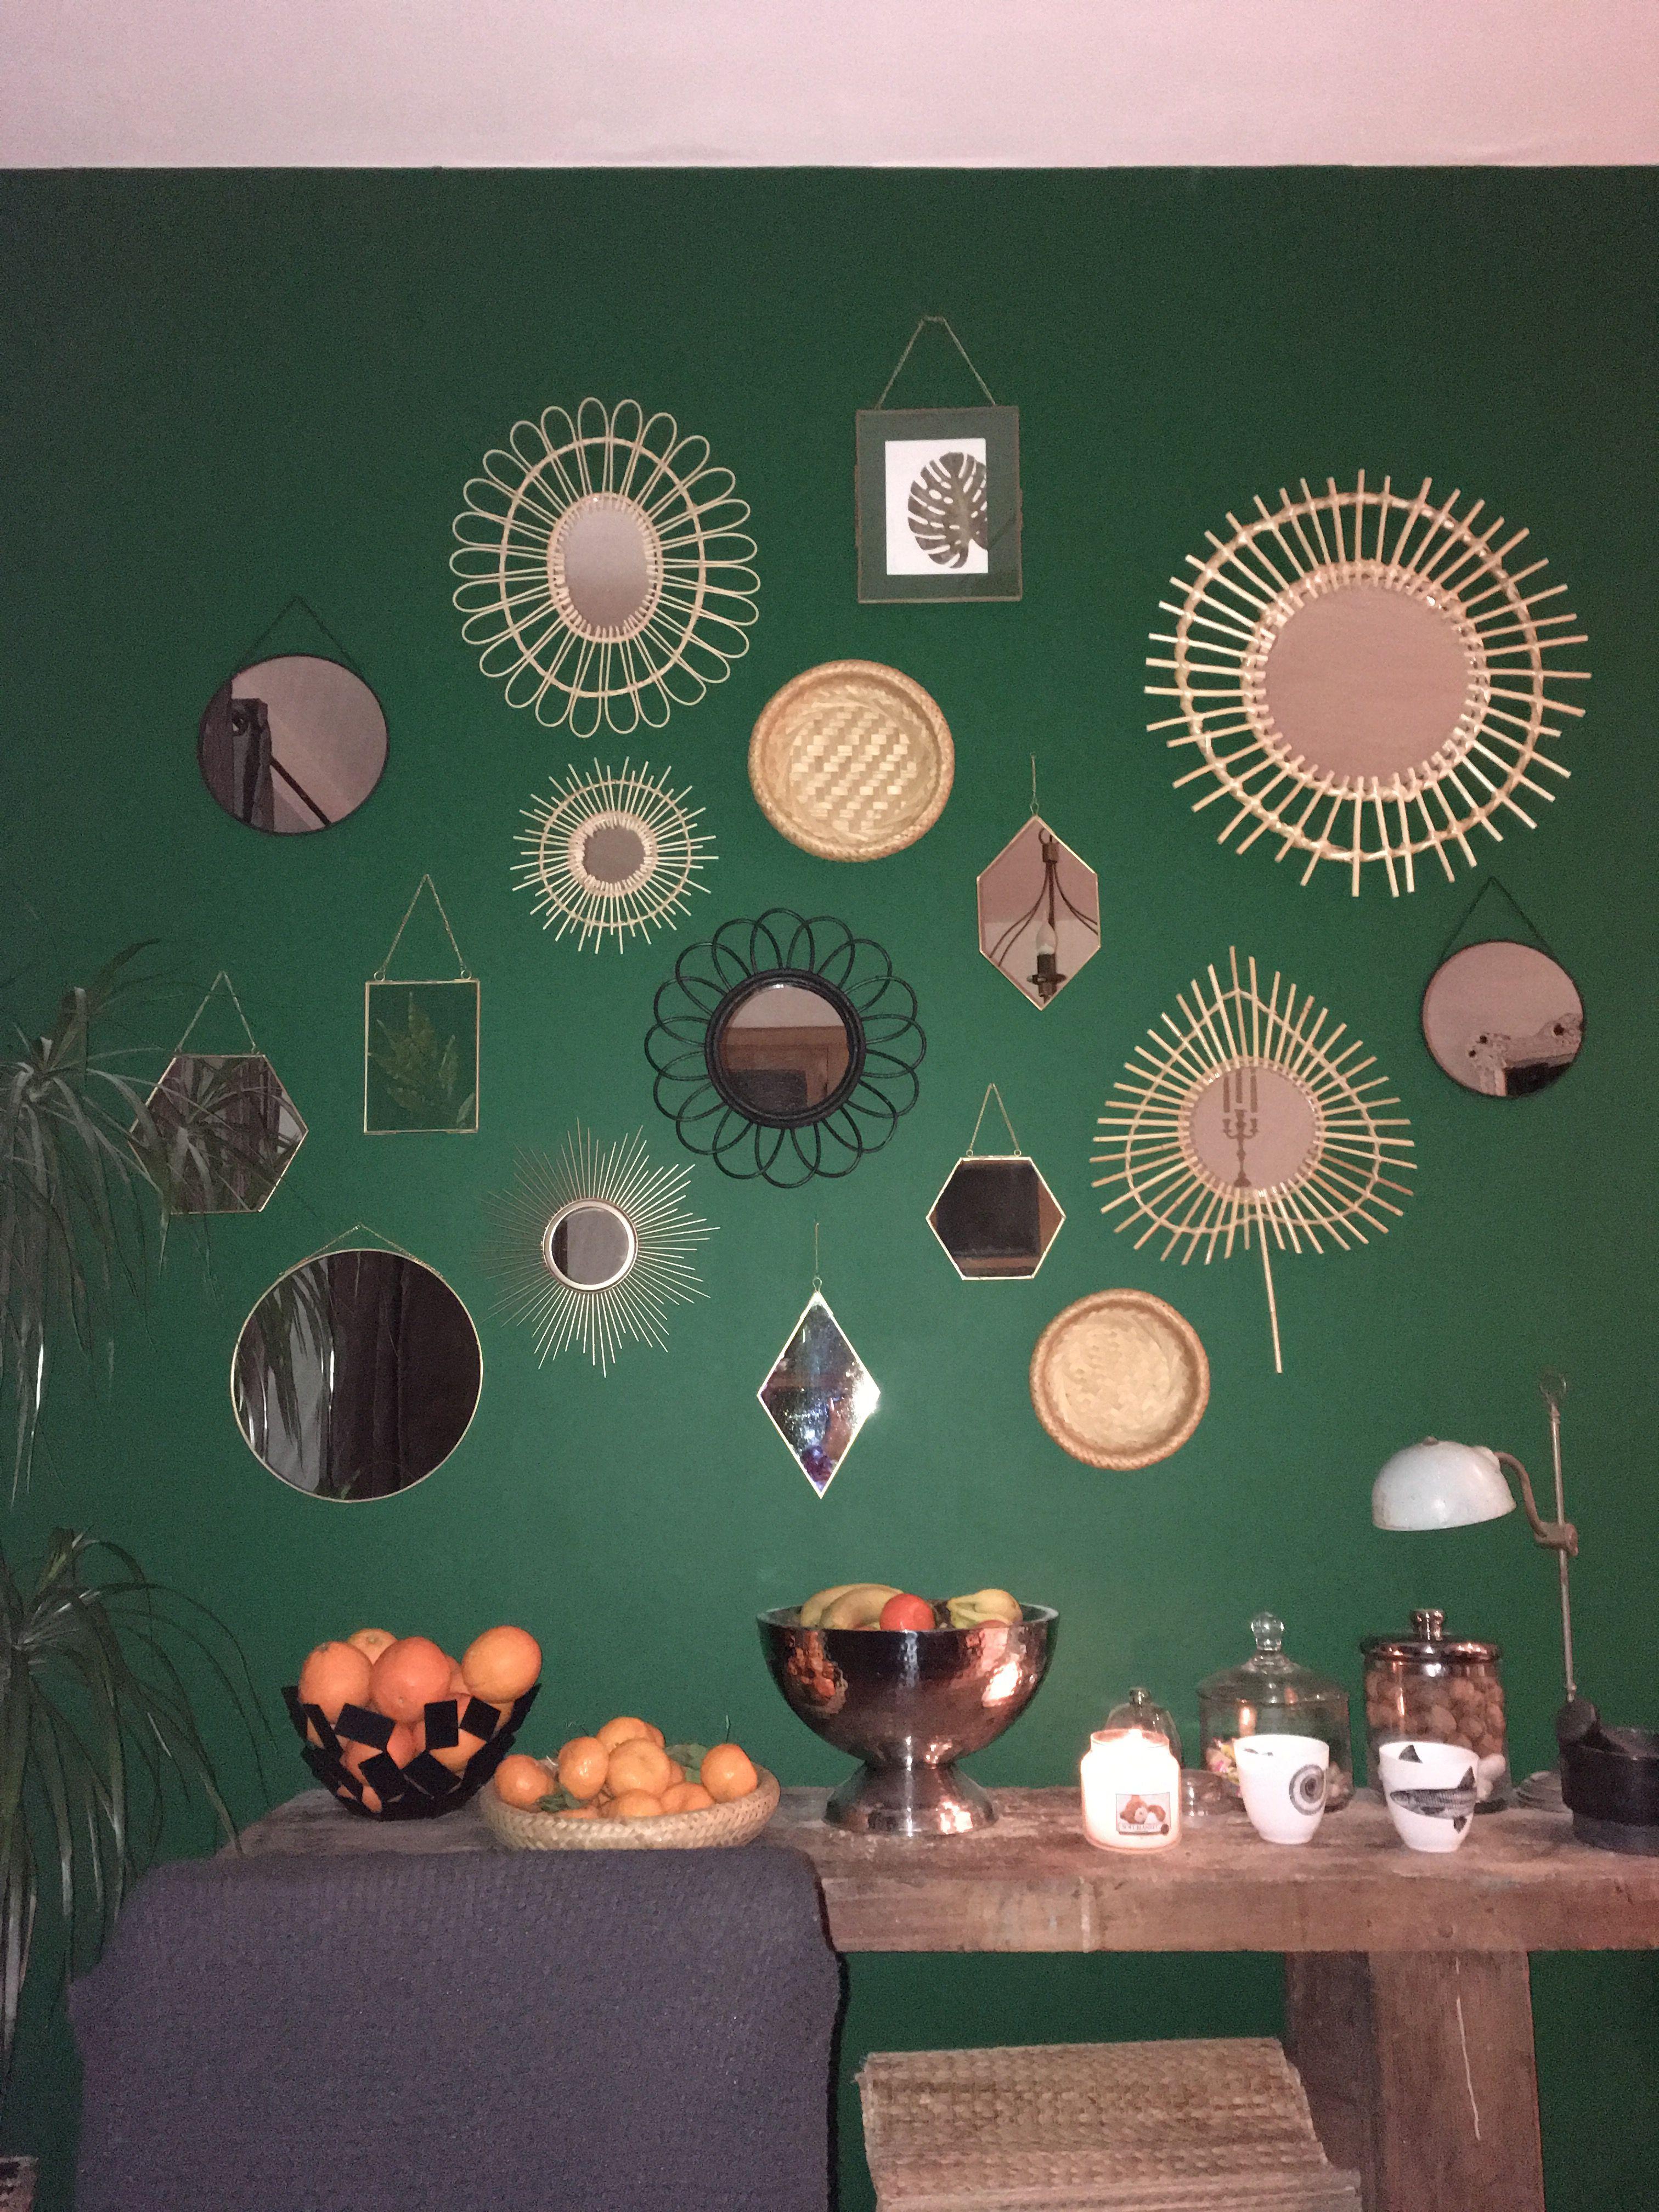 Accumulation De Miroirs En Rotin Et Metalliques Ajout De Plats En Paille Shopping Maison Du Monde Cyrillus Lero Miroir En Rotin Leroy Merlin Miroir Deco